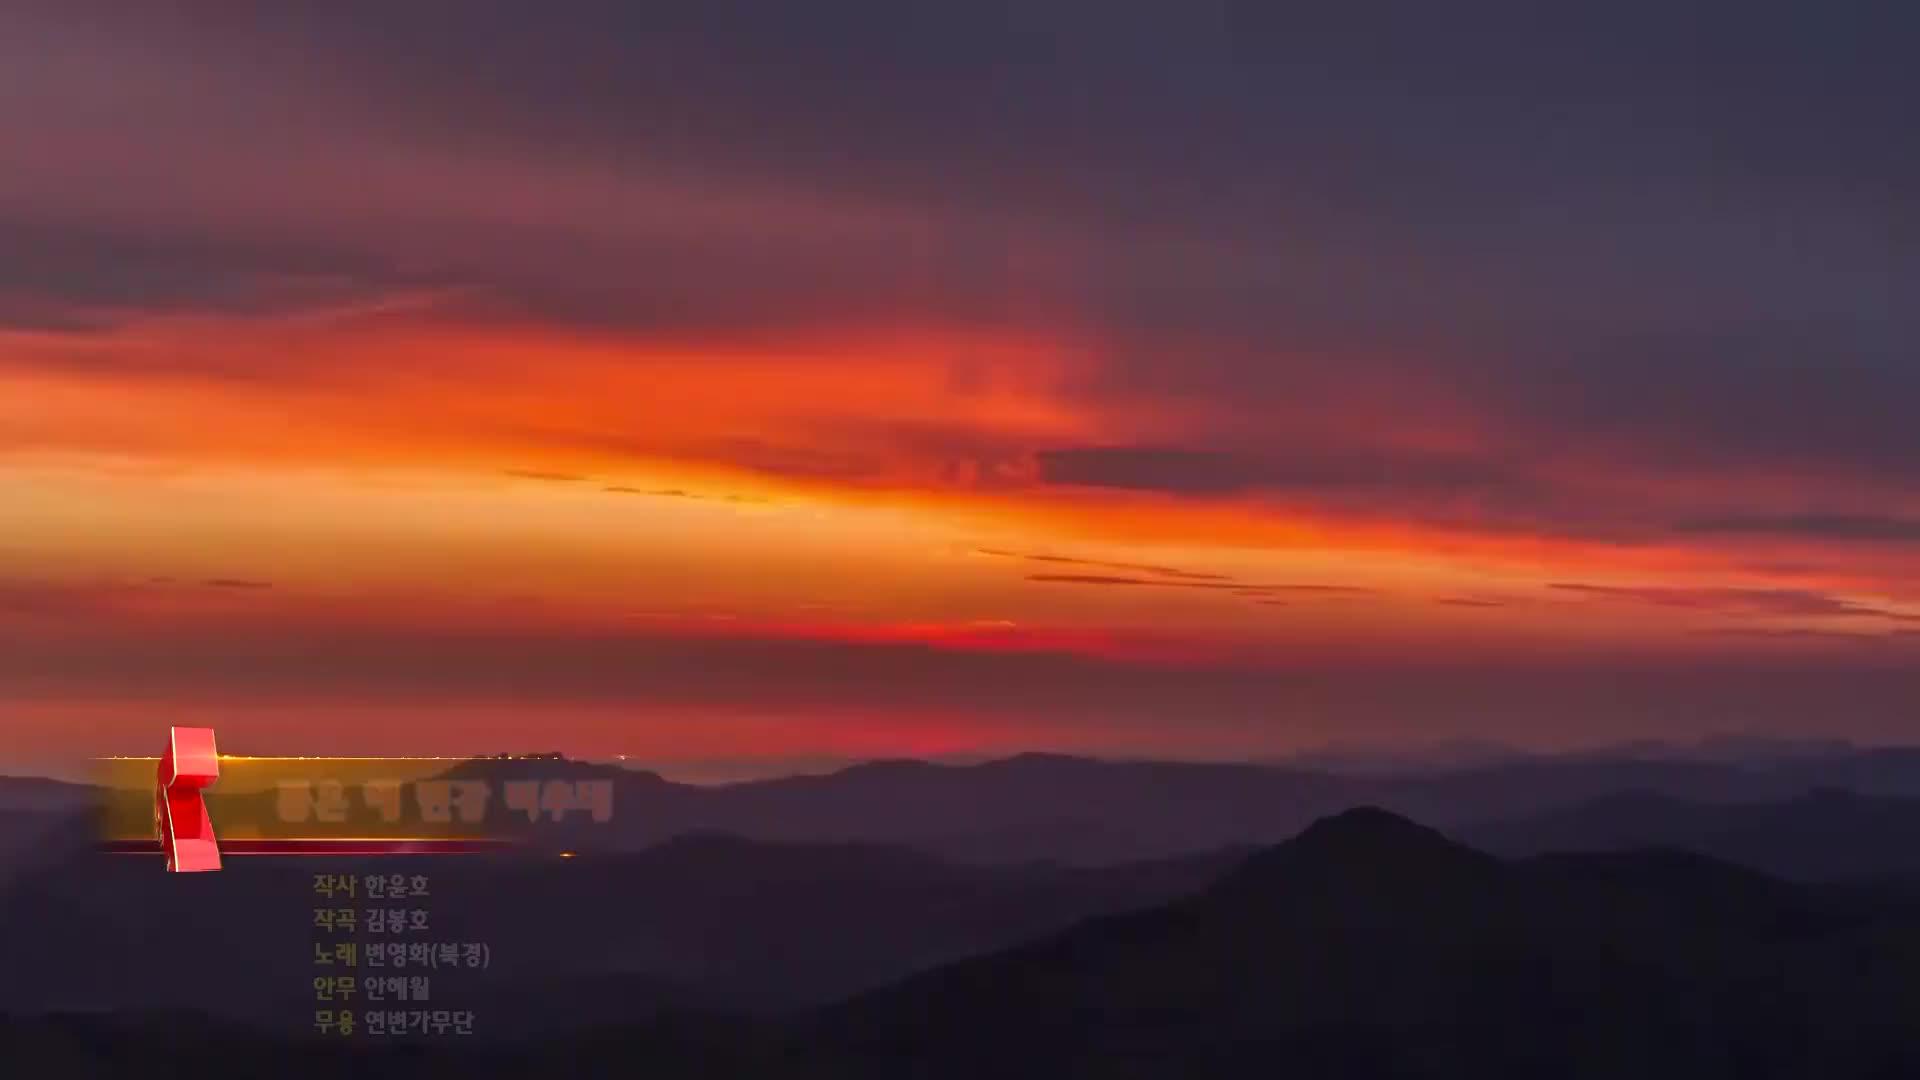 紅太陽照邊疆